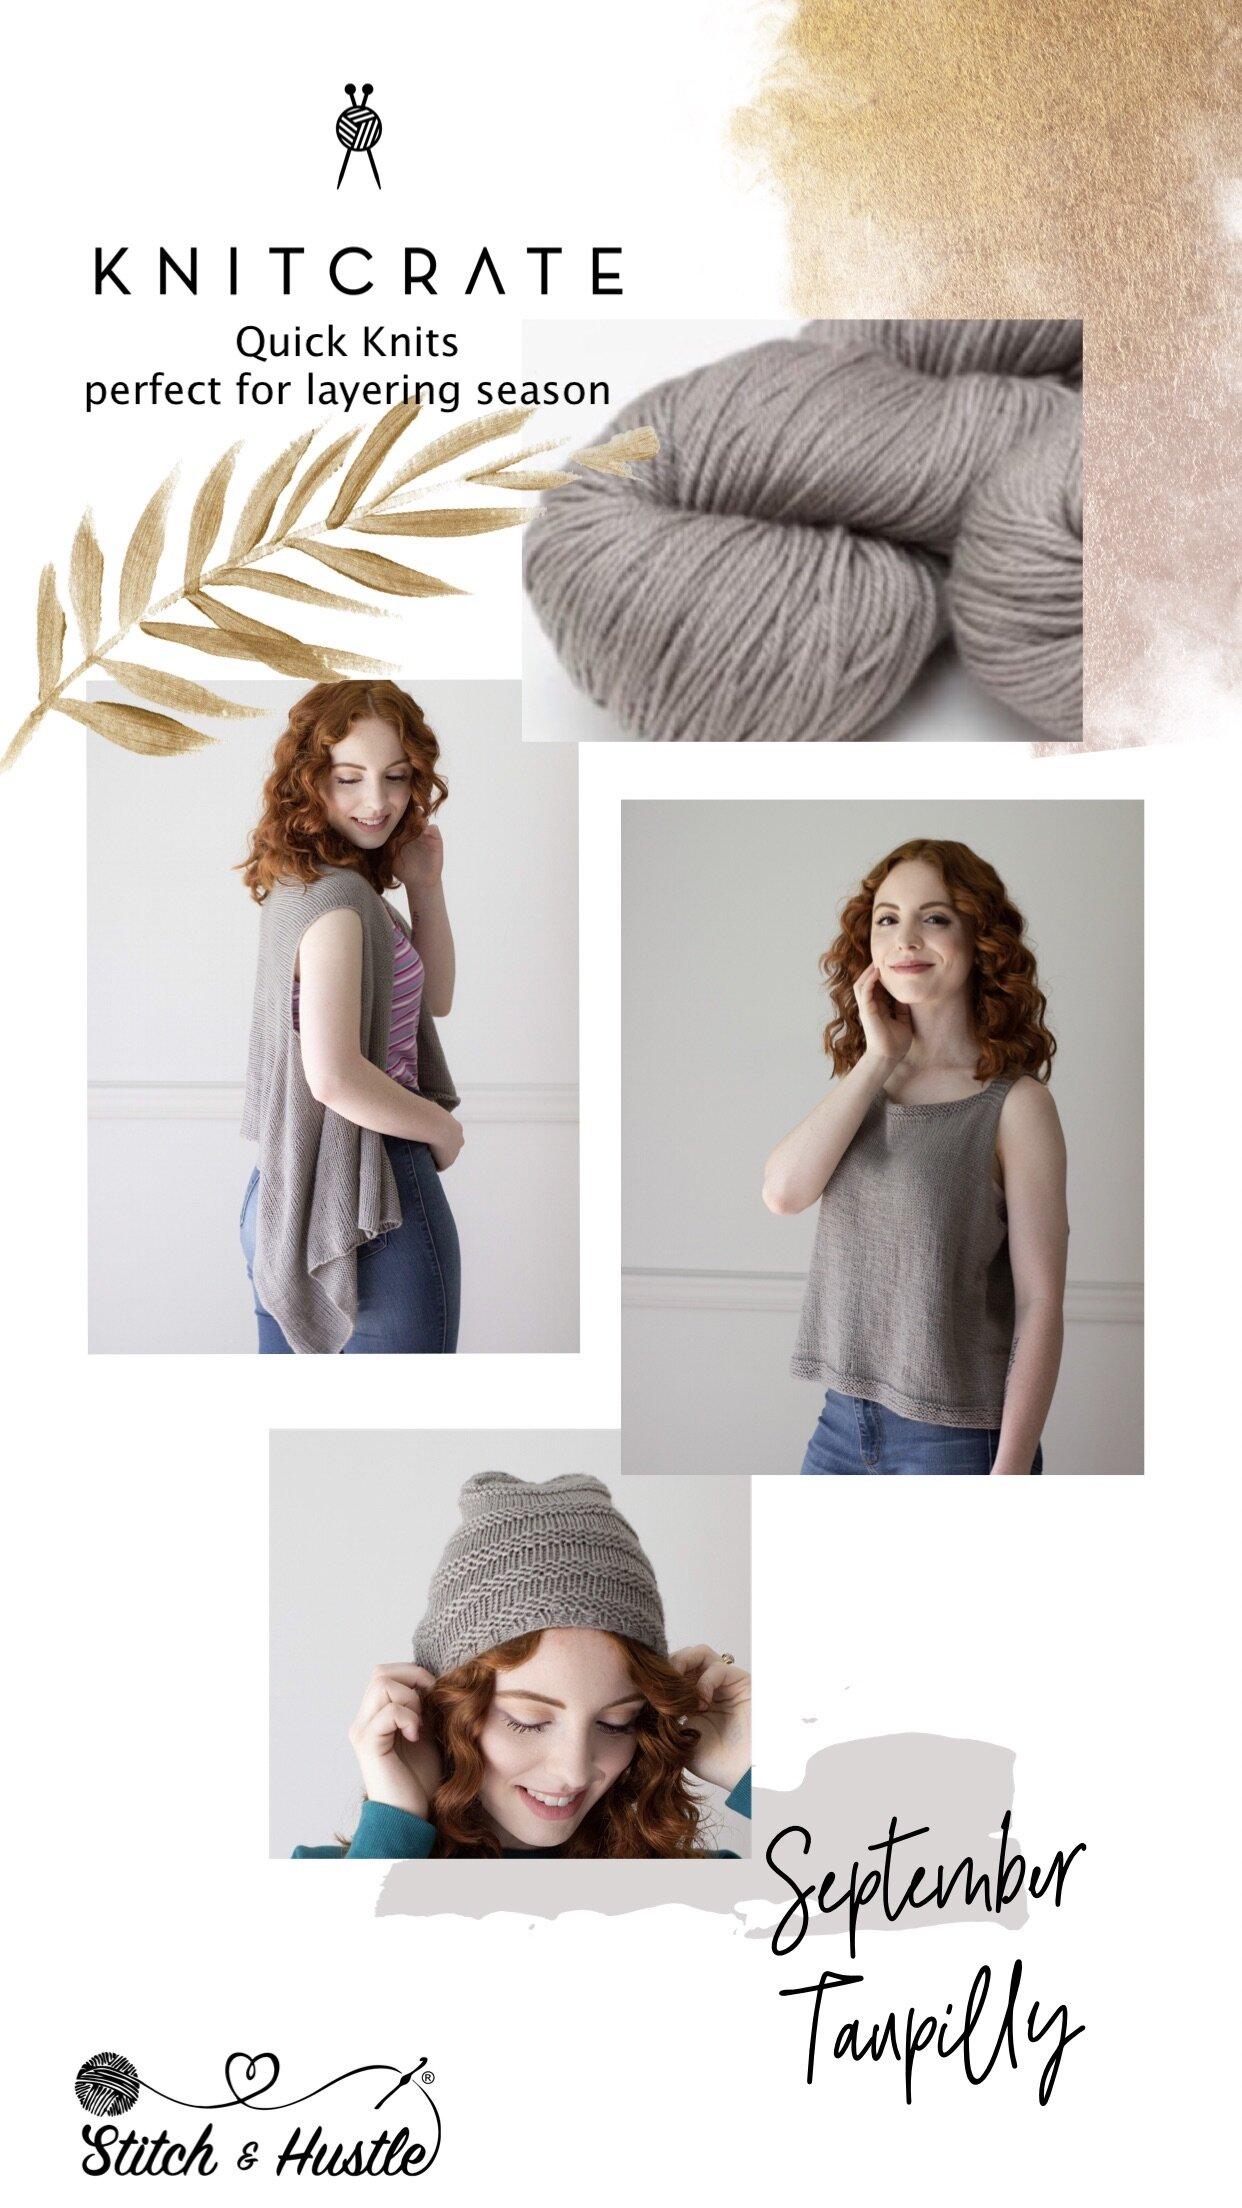 knitcrate-september-patterns-1.jpg